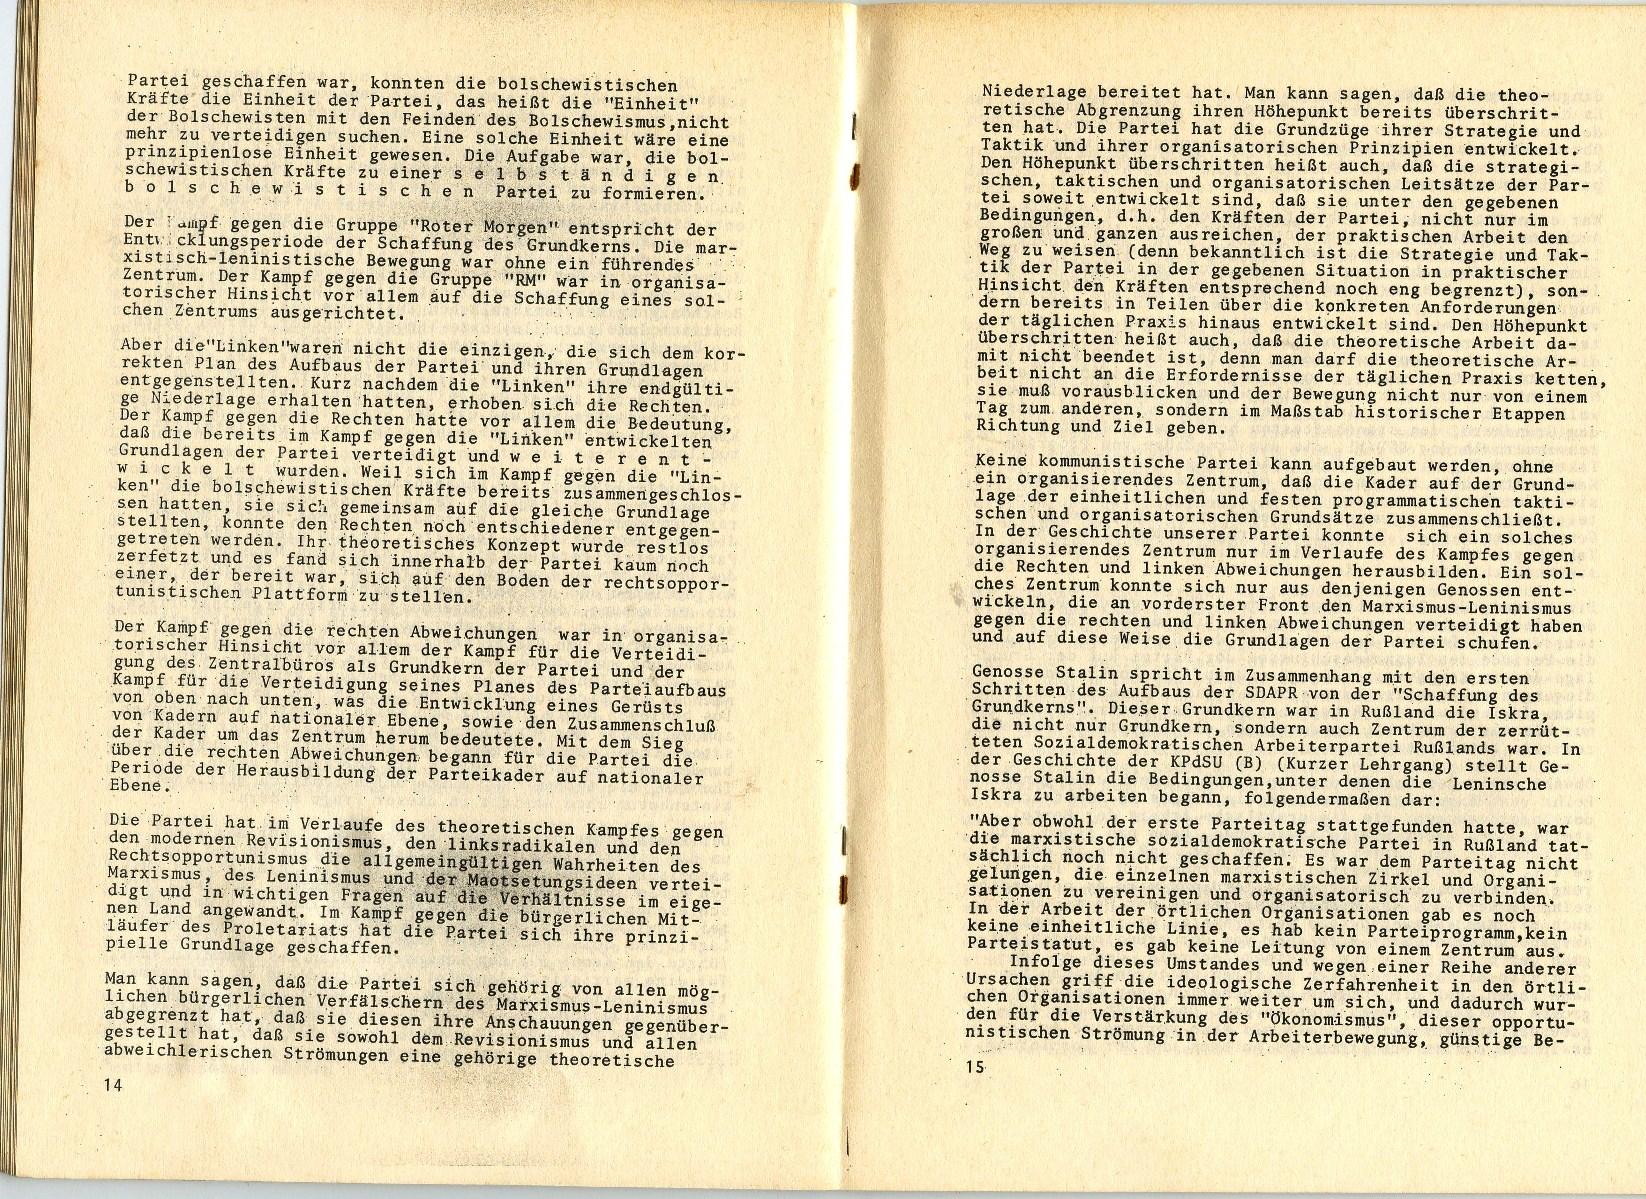 ZB_Etappen_Parteiaufbau_1971_14